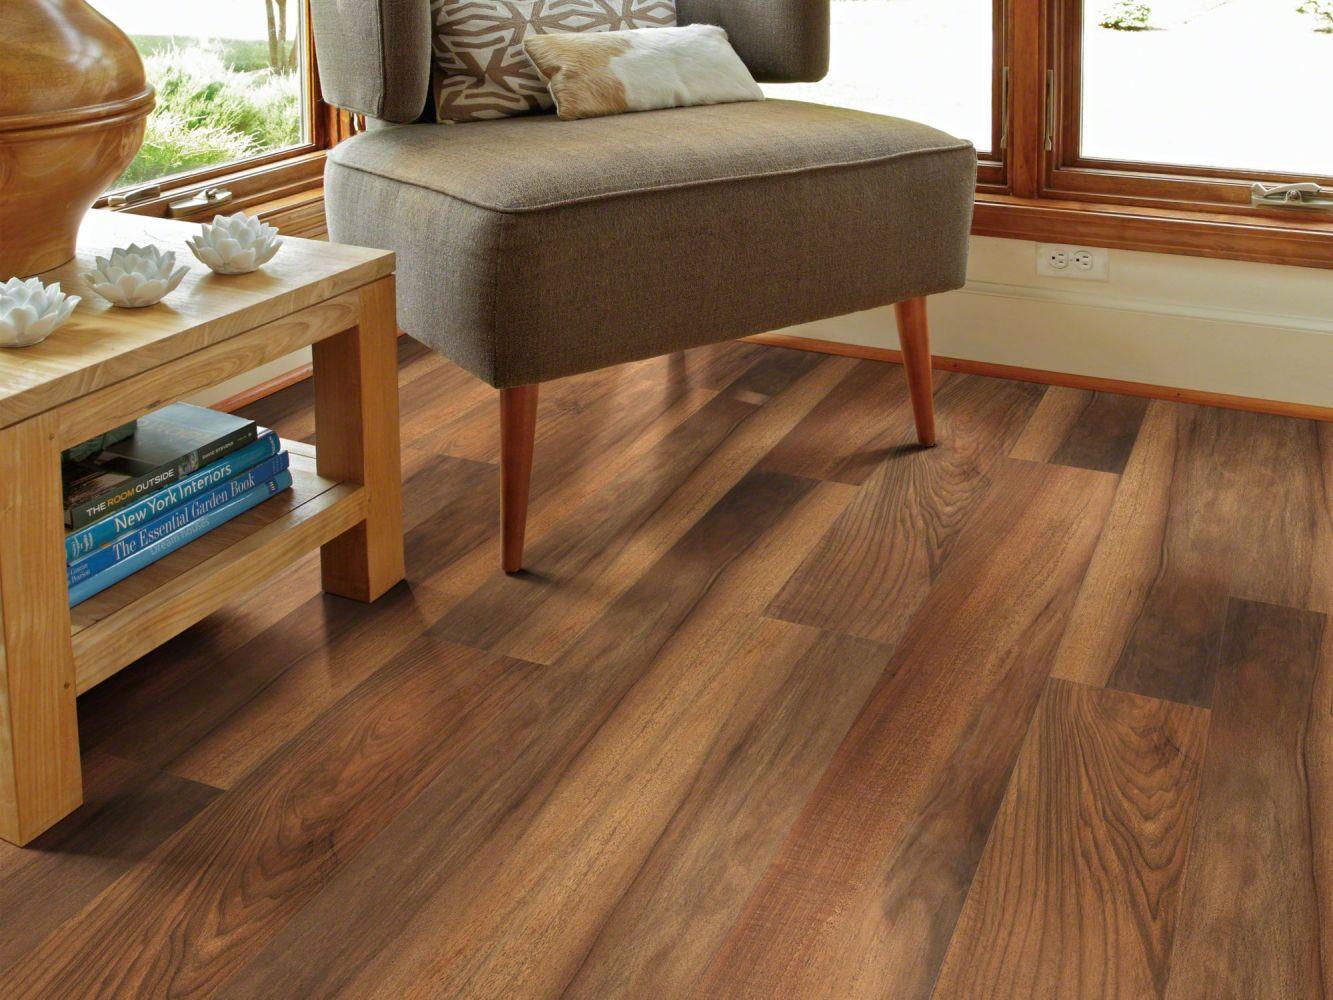 Shaw Floors Resilient Residential Endura 512g Plus Amber Oak 00820_0802V